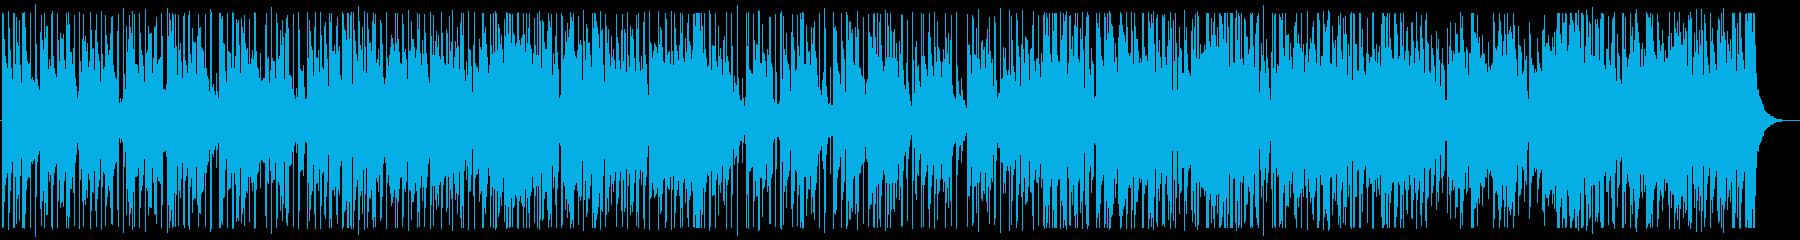 涼しげな夏のカフェBGM_No584_1の再生済みの波形